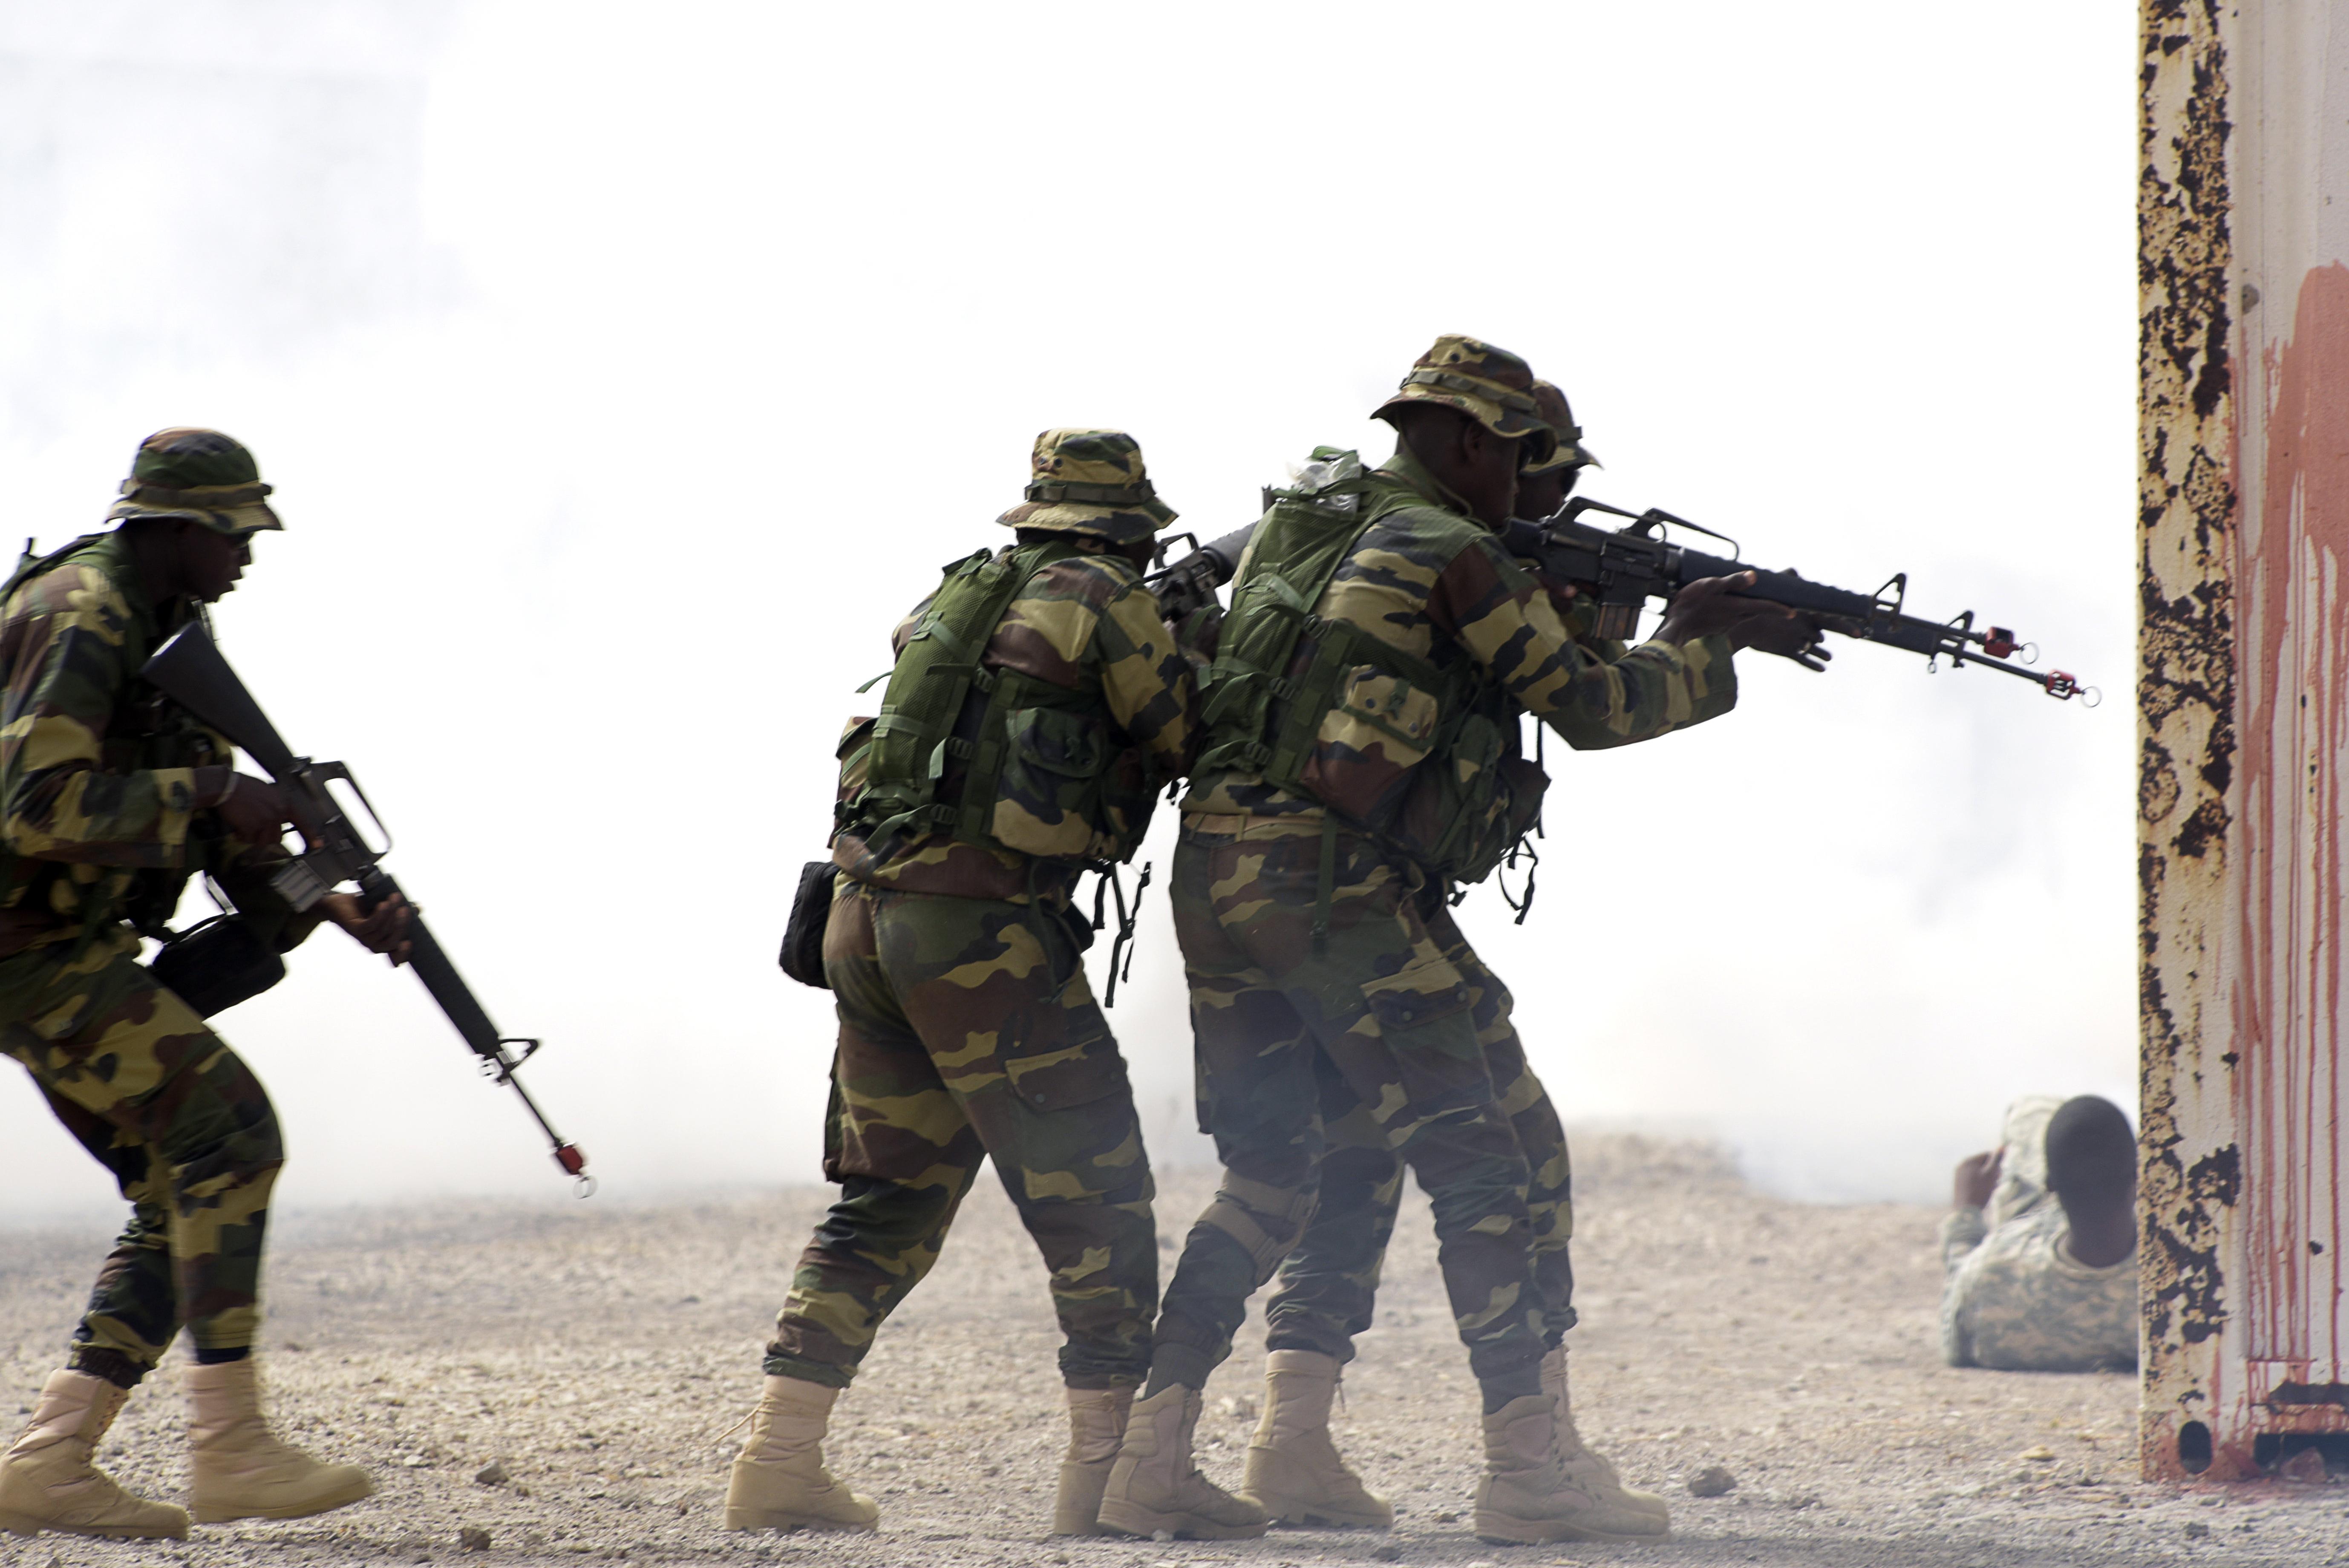 جنود سنغاليون خلال مناورات عسكرية مشتركة مع قوات مكافحة الإرهاب الأميركية والأوروبية